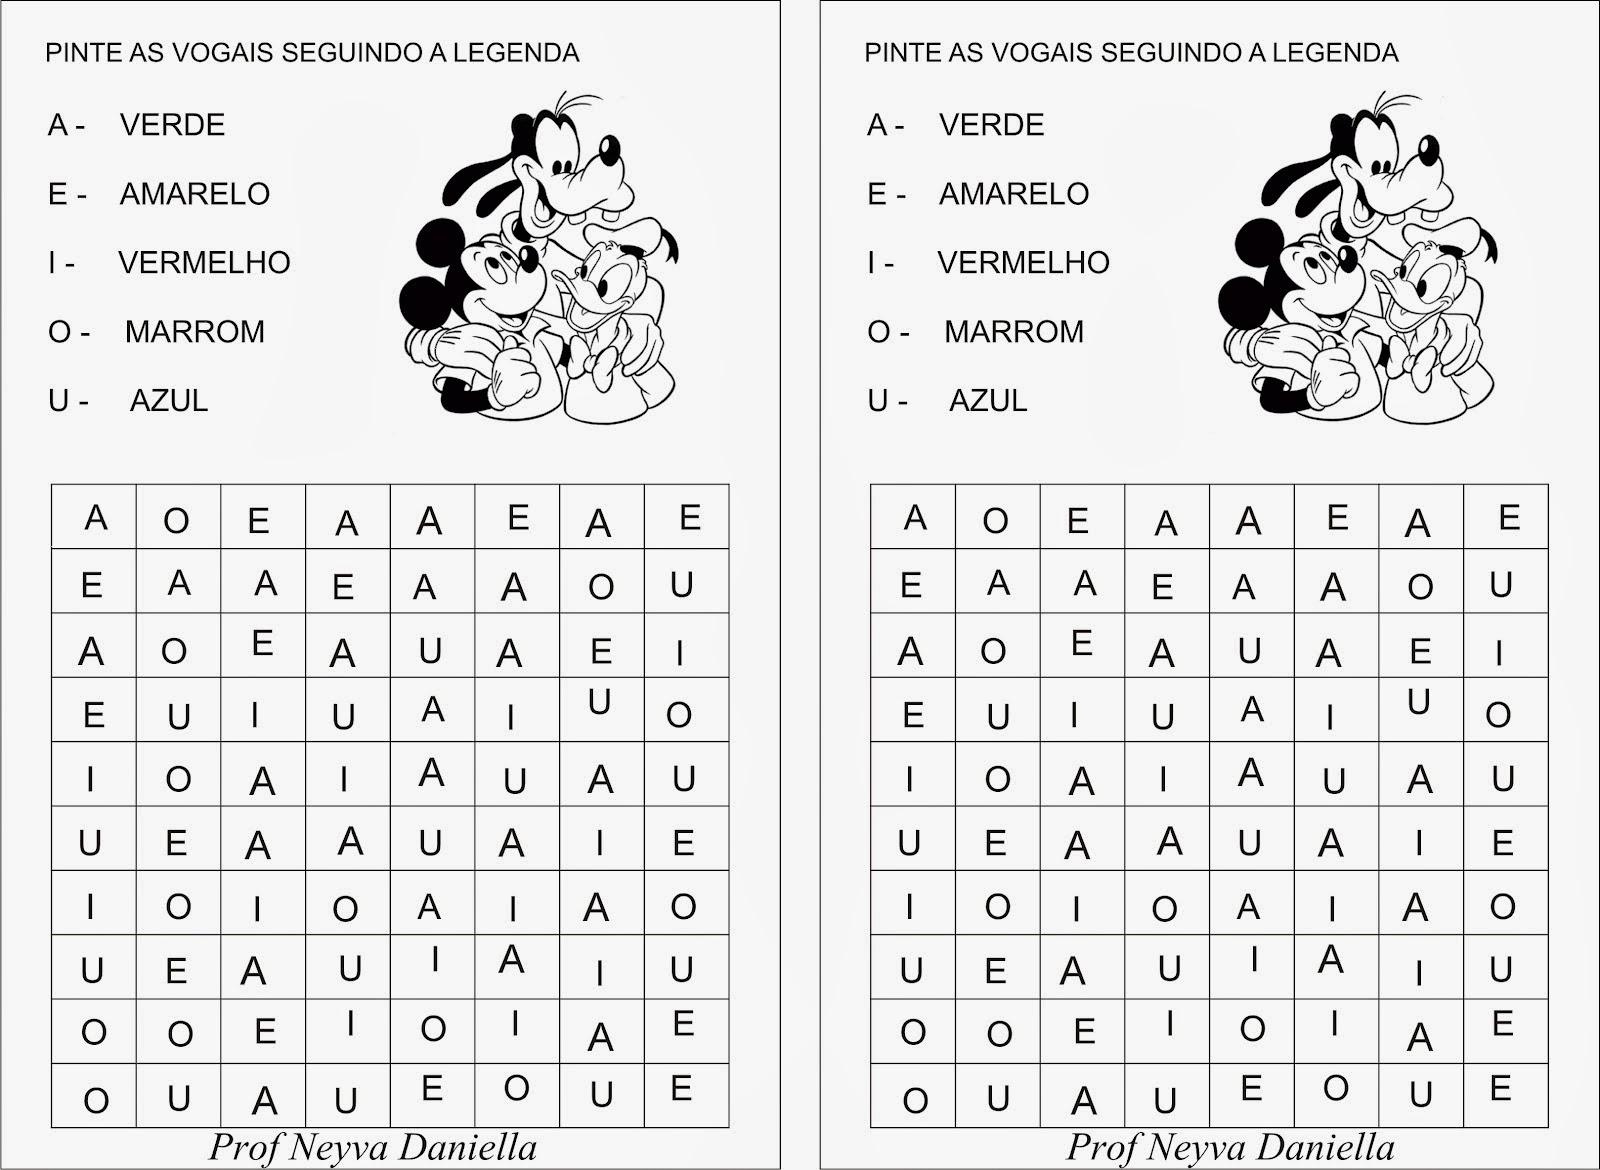 Atividades com as vogais - Pinte as vogais seguindo a legenda